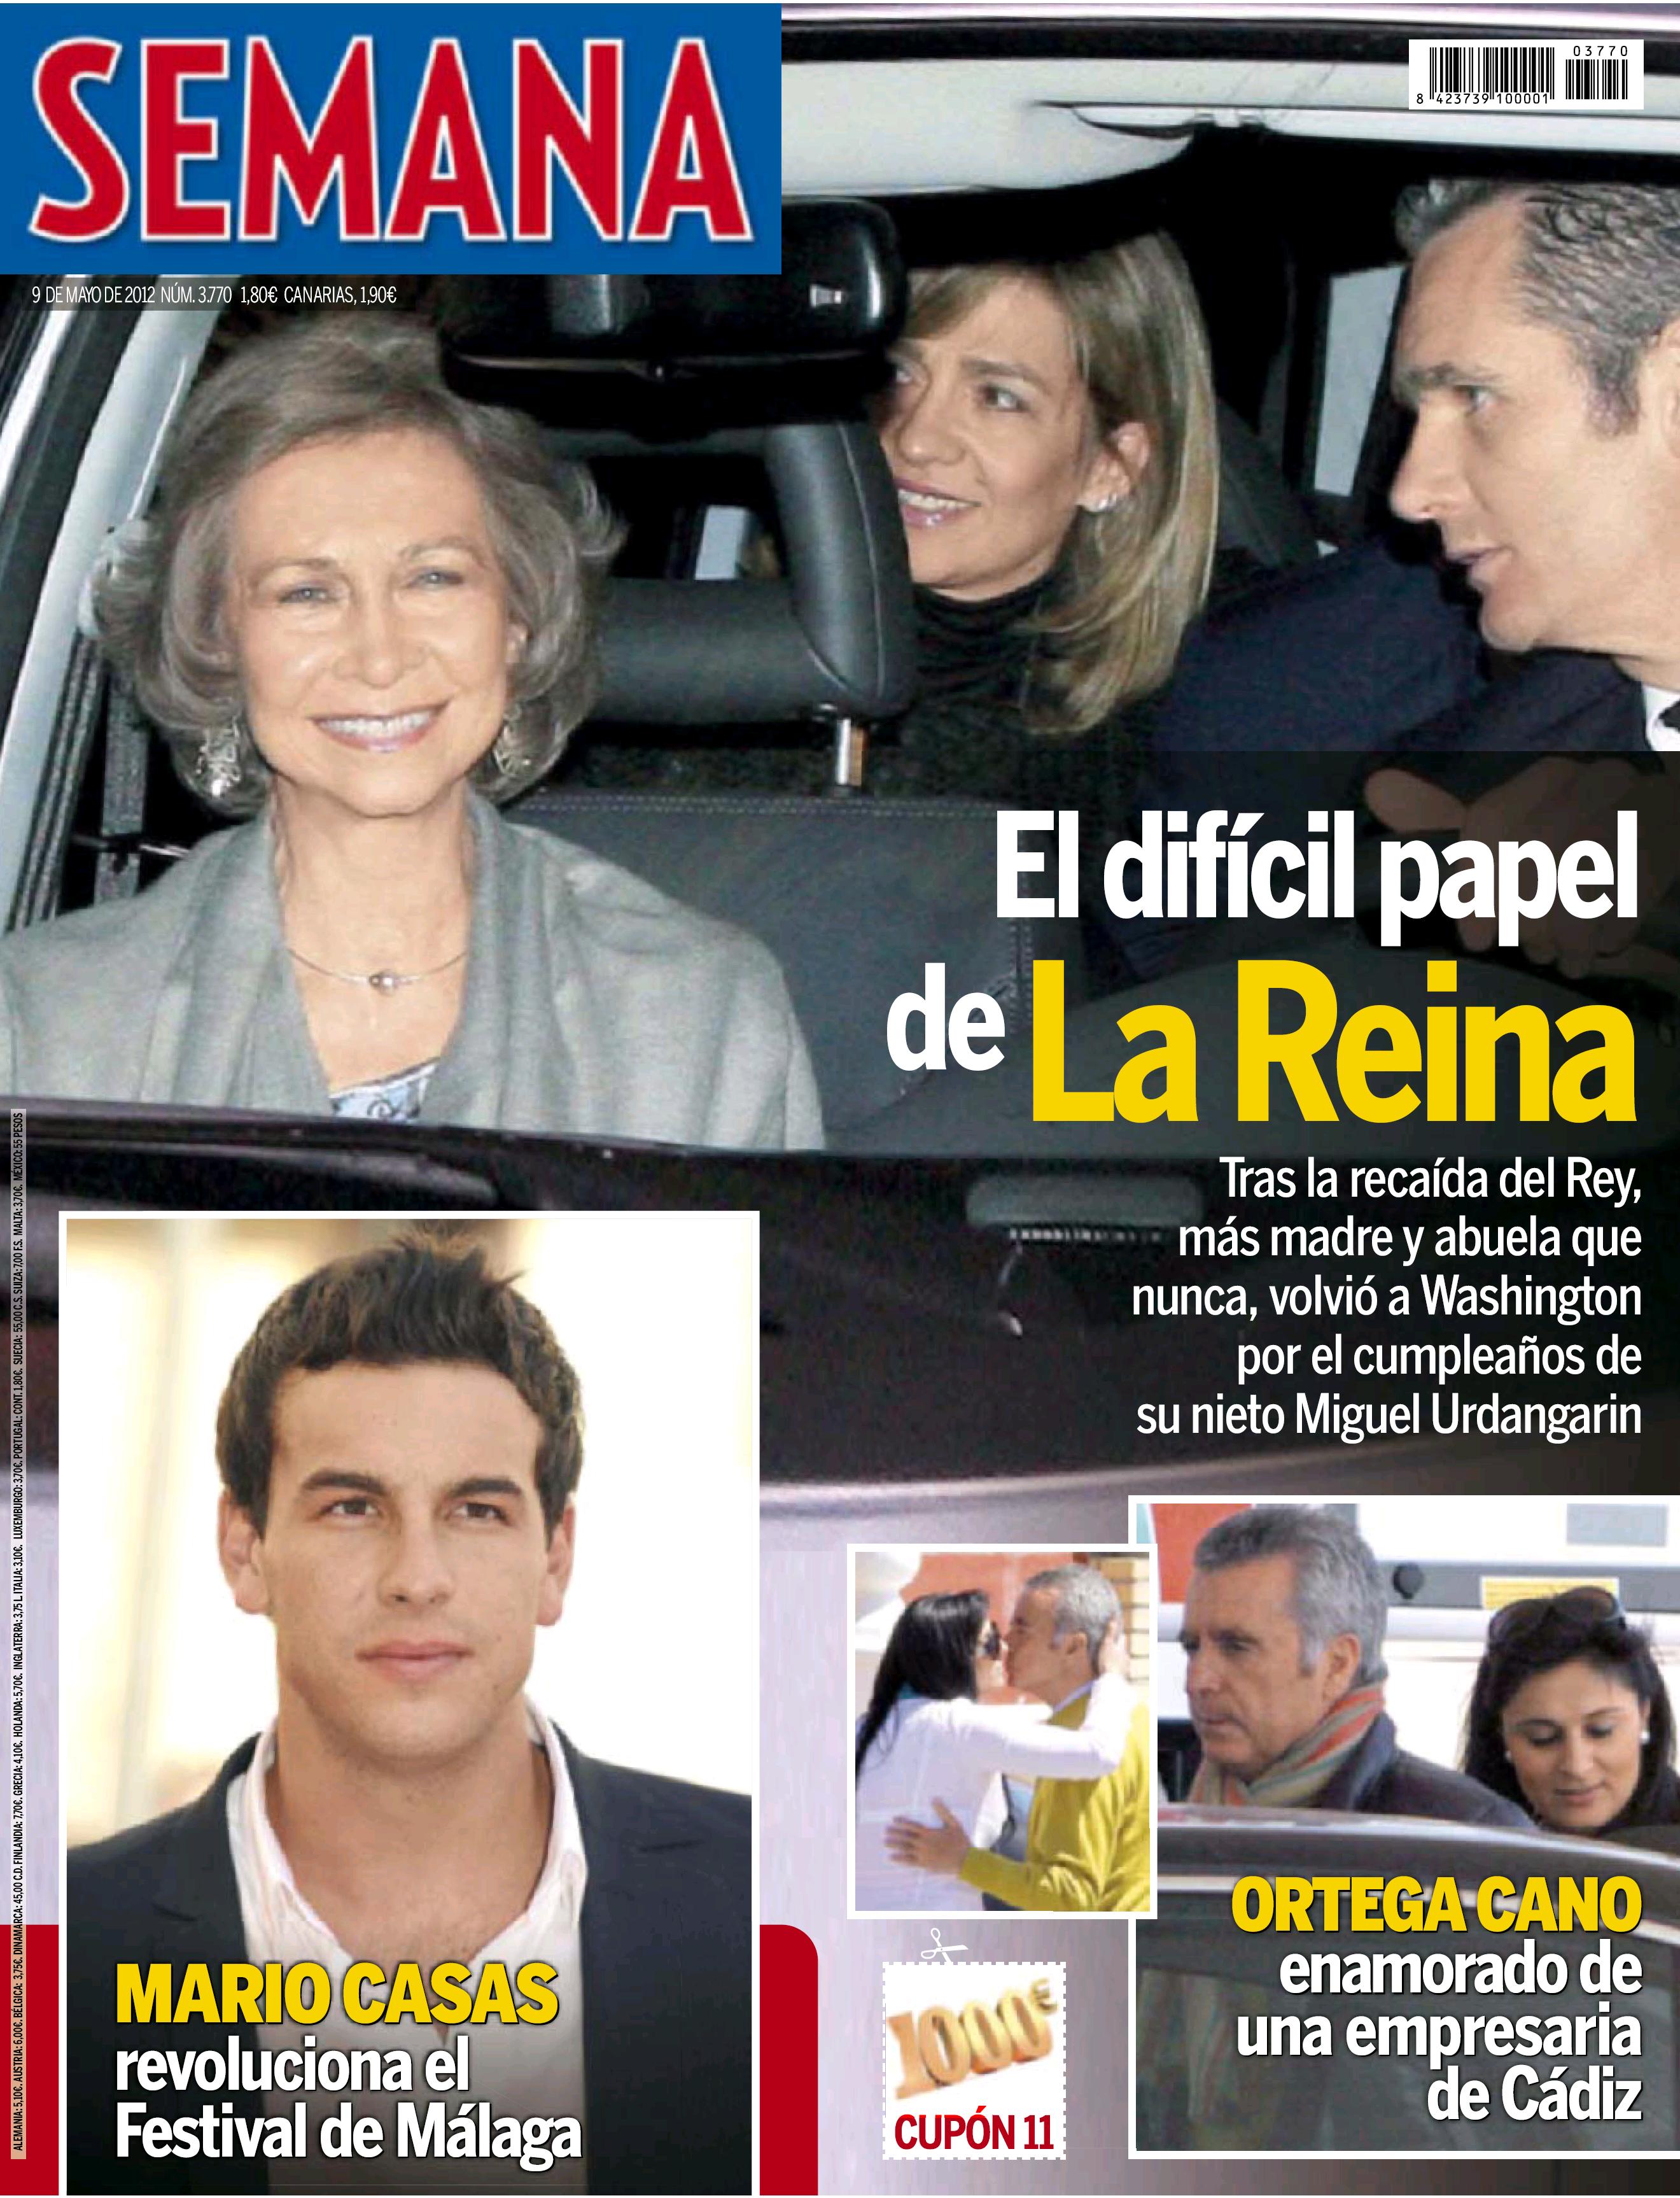 SEMANA portada 2 mayo 2012